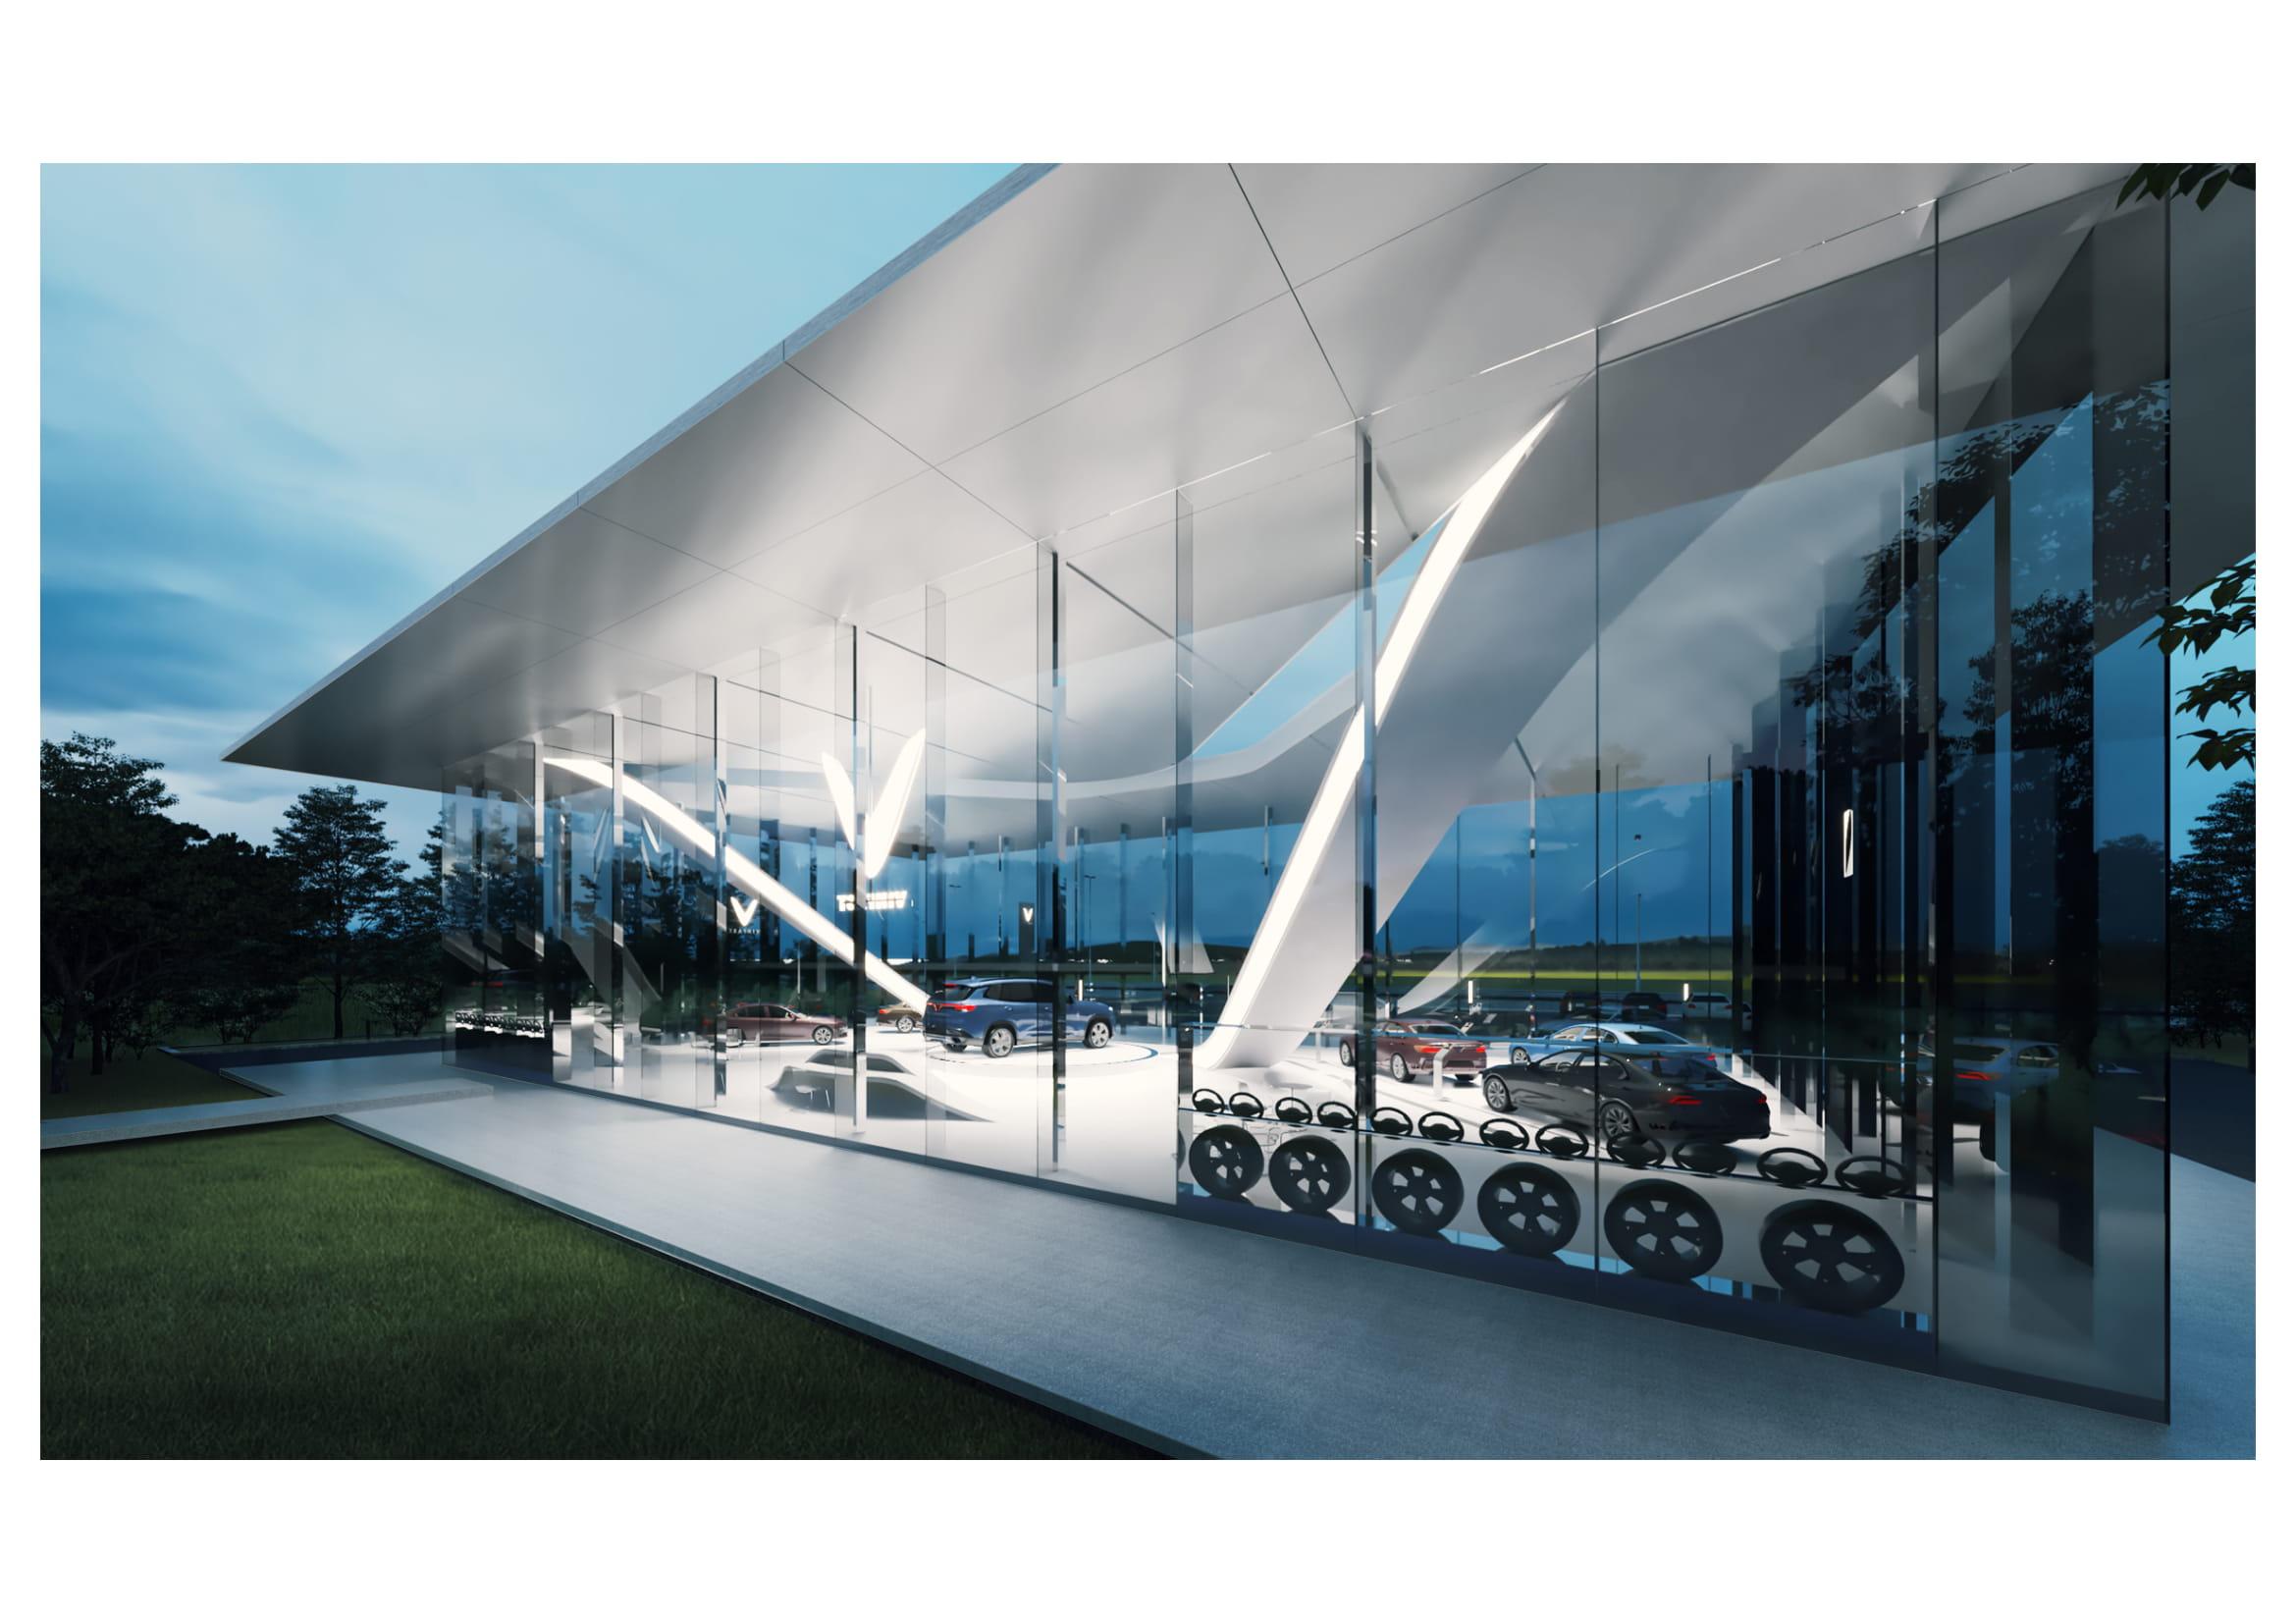 9 thiết kế showroom VinFast toàn cầu xuất sắc nhất hml-8.jpg